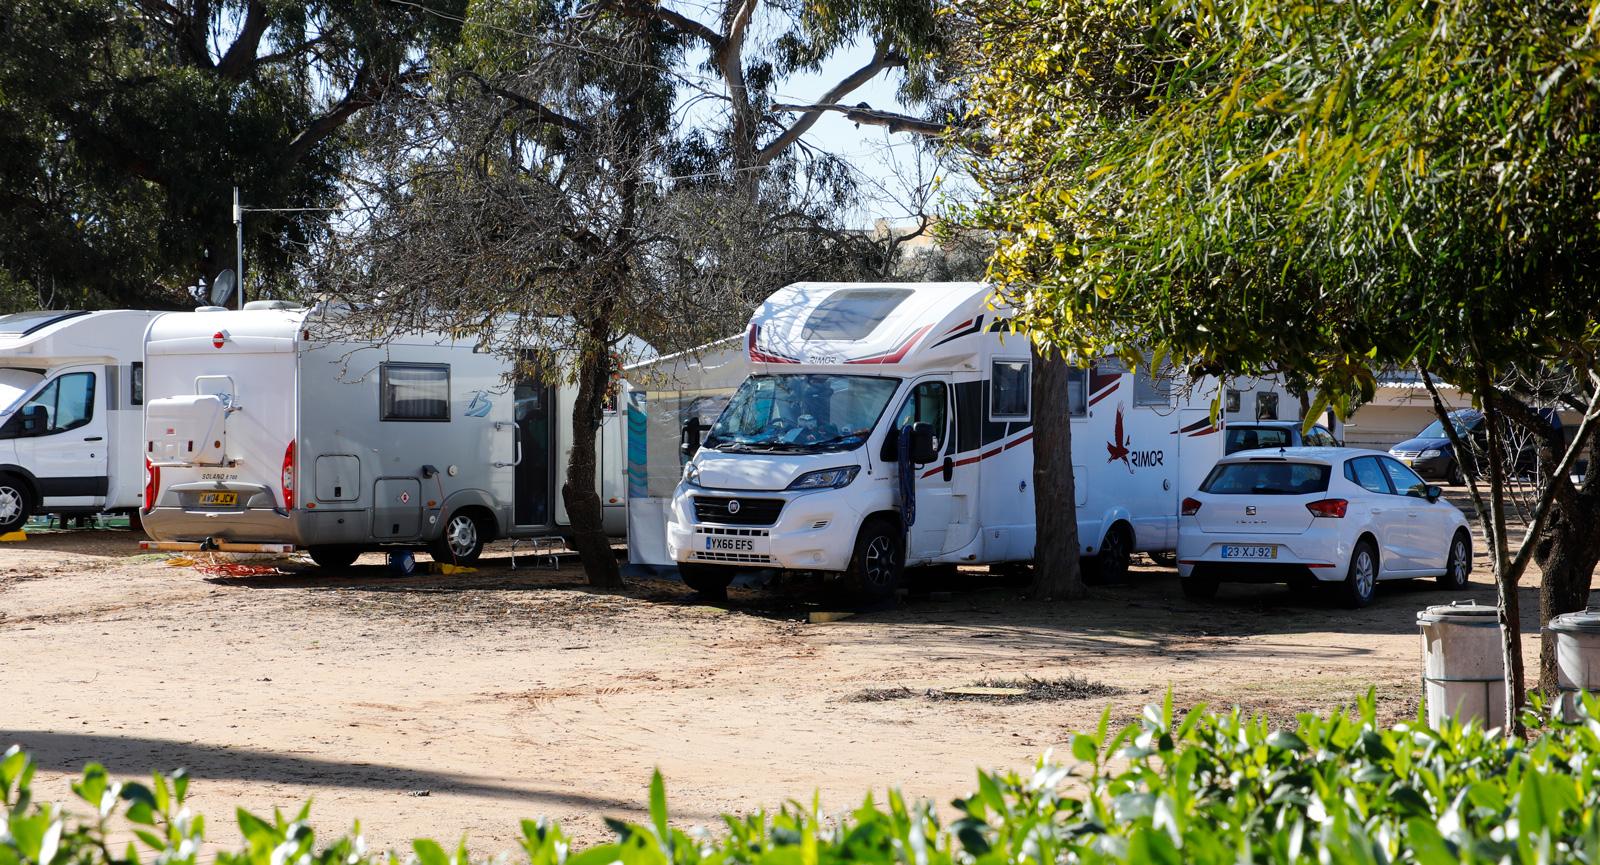 Det är knappast fullt på campingen, med ändå gott om besökare.